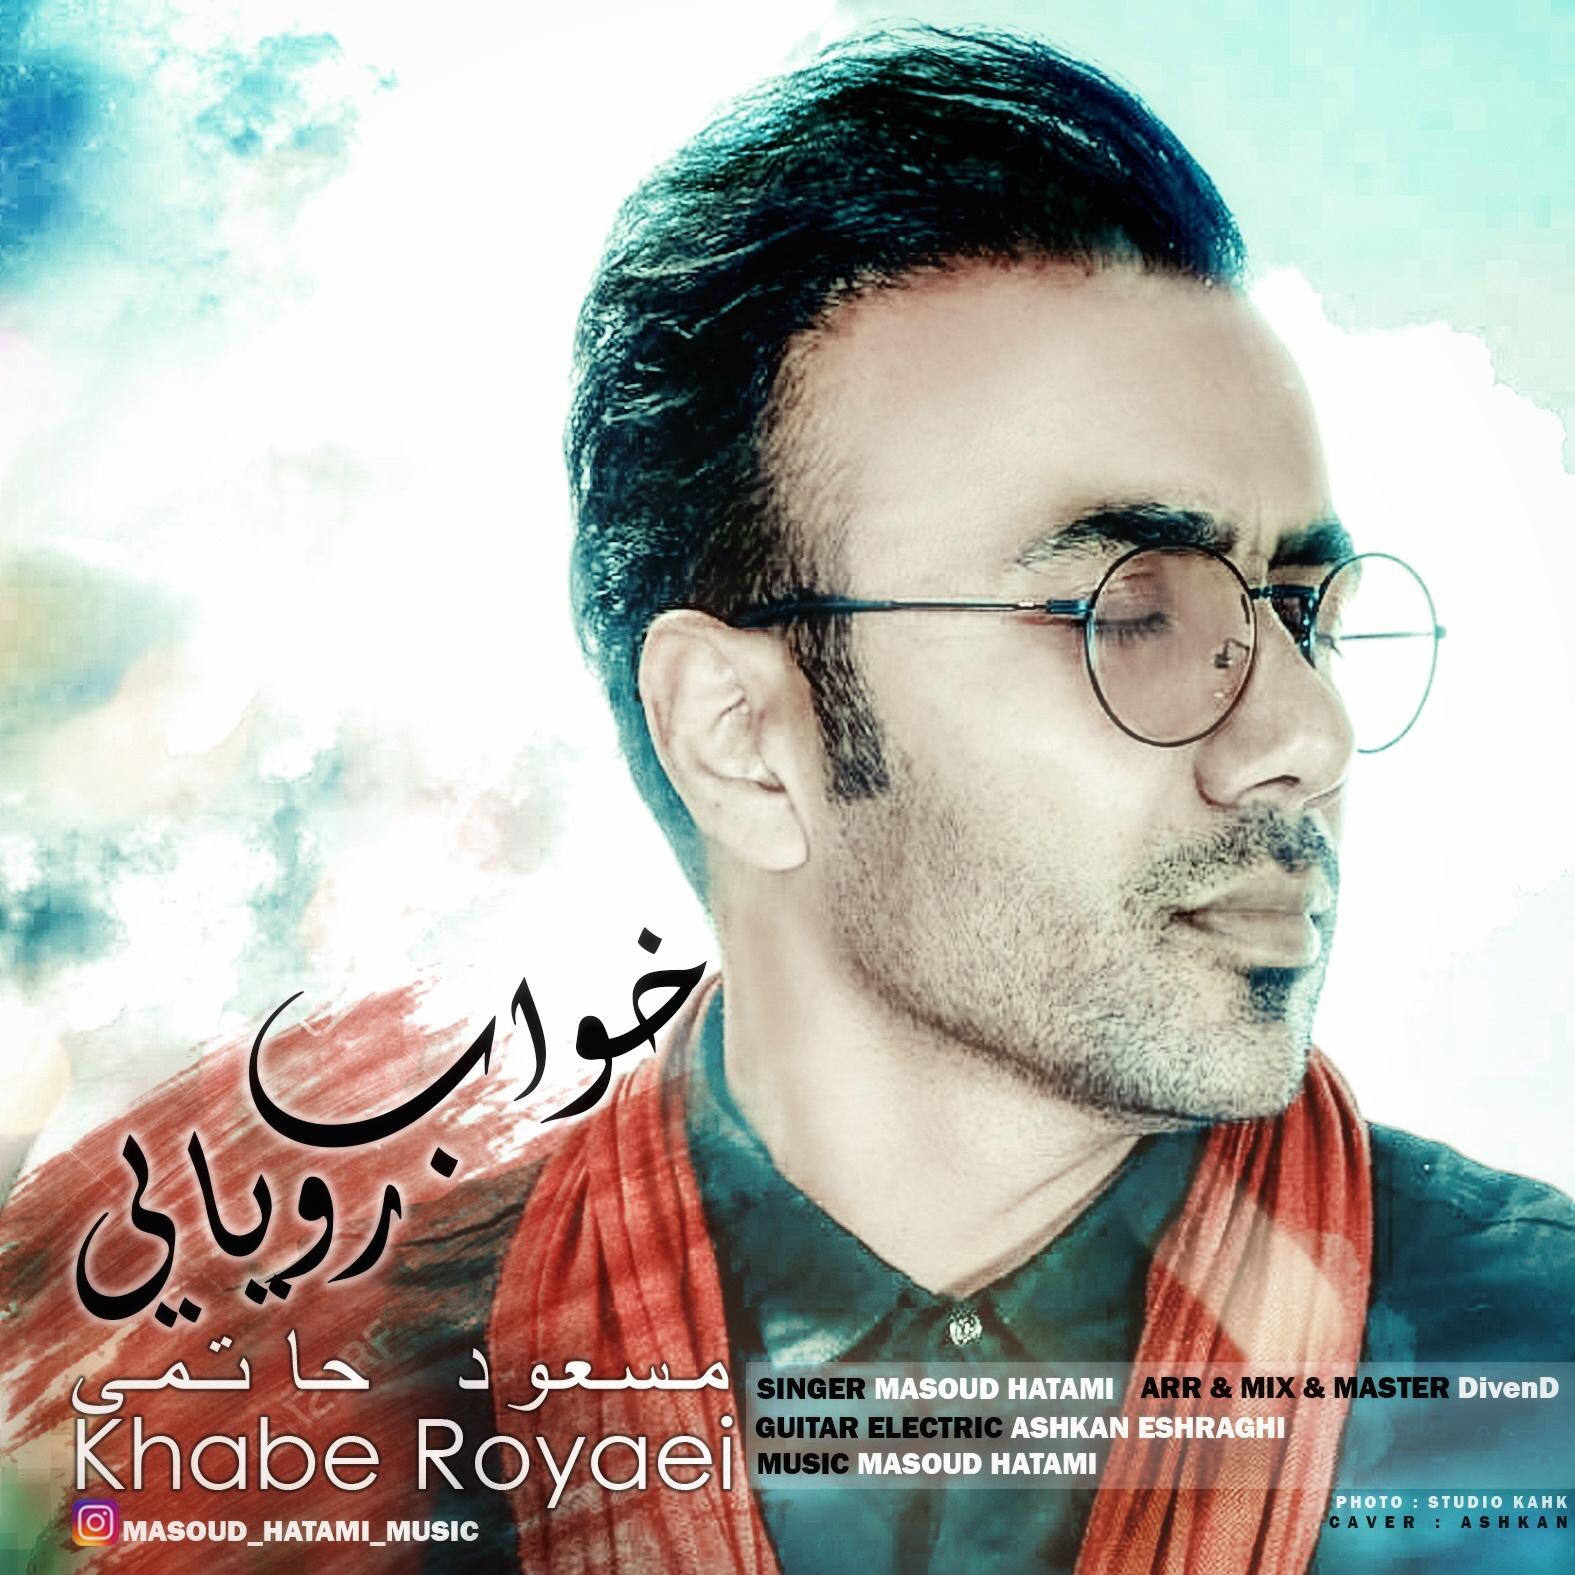 دانلود آهنگ جدید مسعود حاتمی به نام خواب رویایی